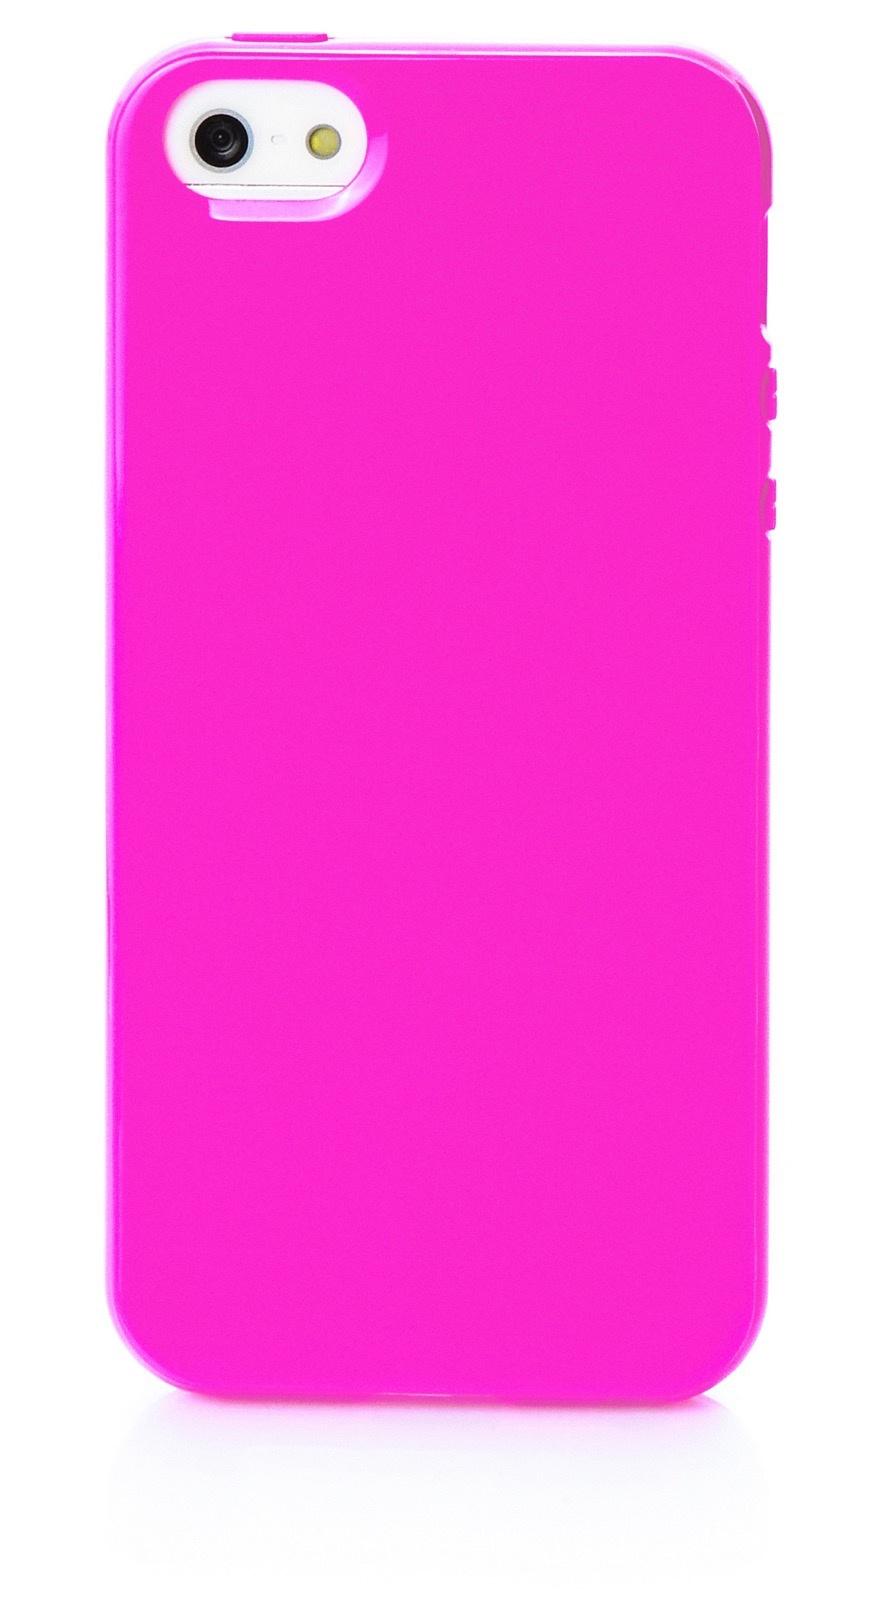 Чехол для сотового телефона iNeez накладка силикон мыльница 401820 для Apple Iphone 5/5S/SE, темно-розовый